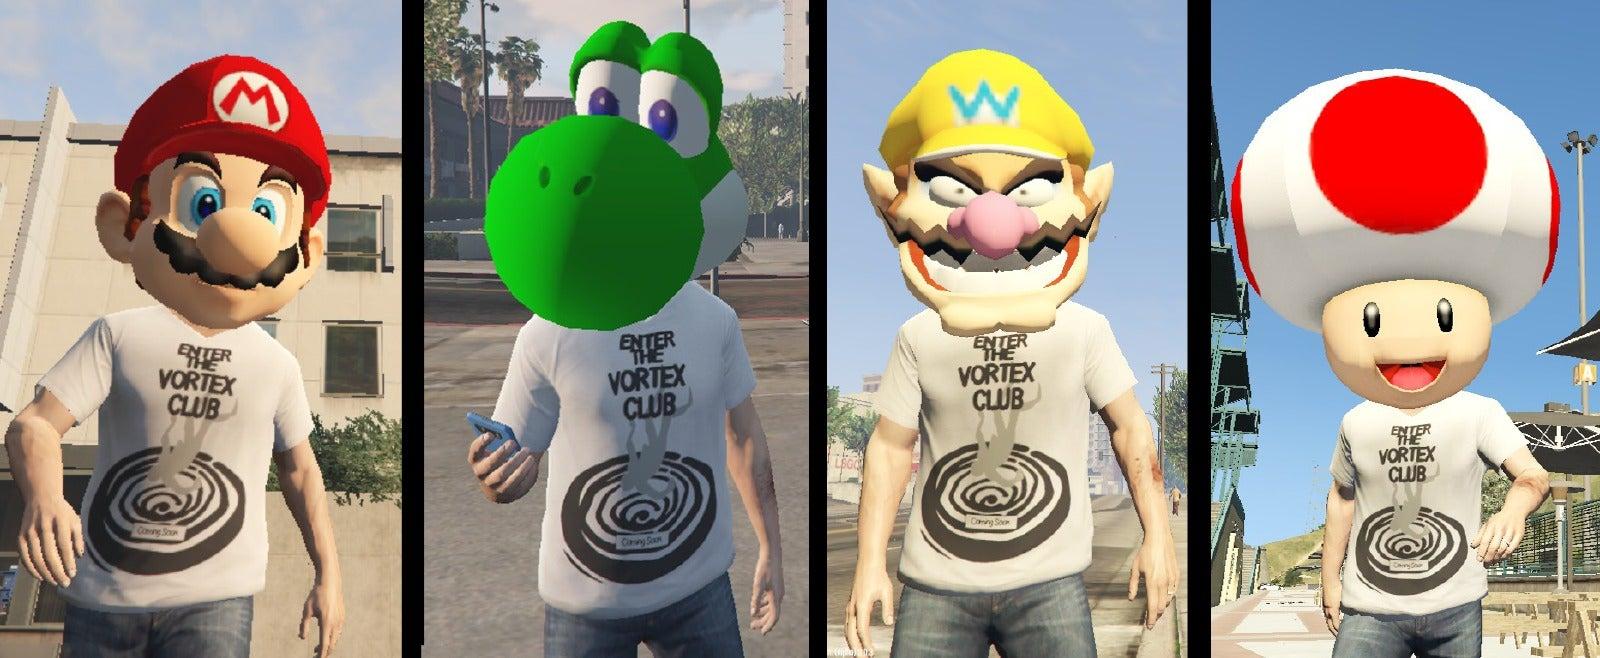 Mario Mod For GTA V Turns Nintendo Icon Into Gun-Crazy Jerk